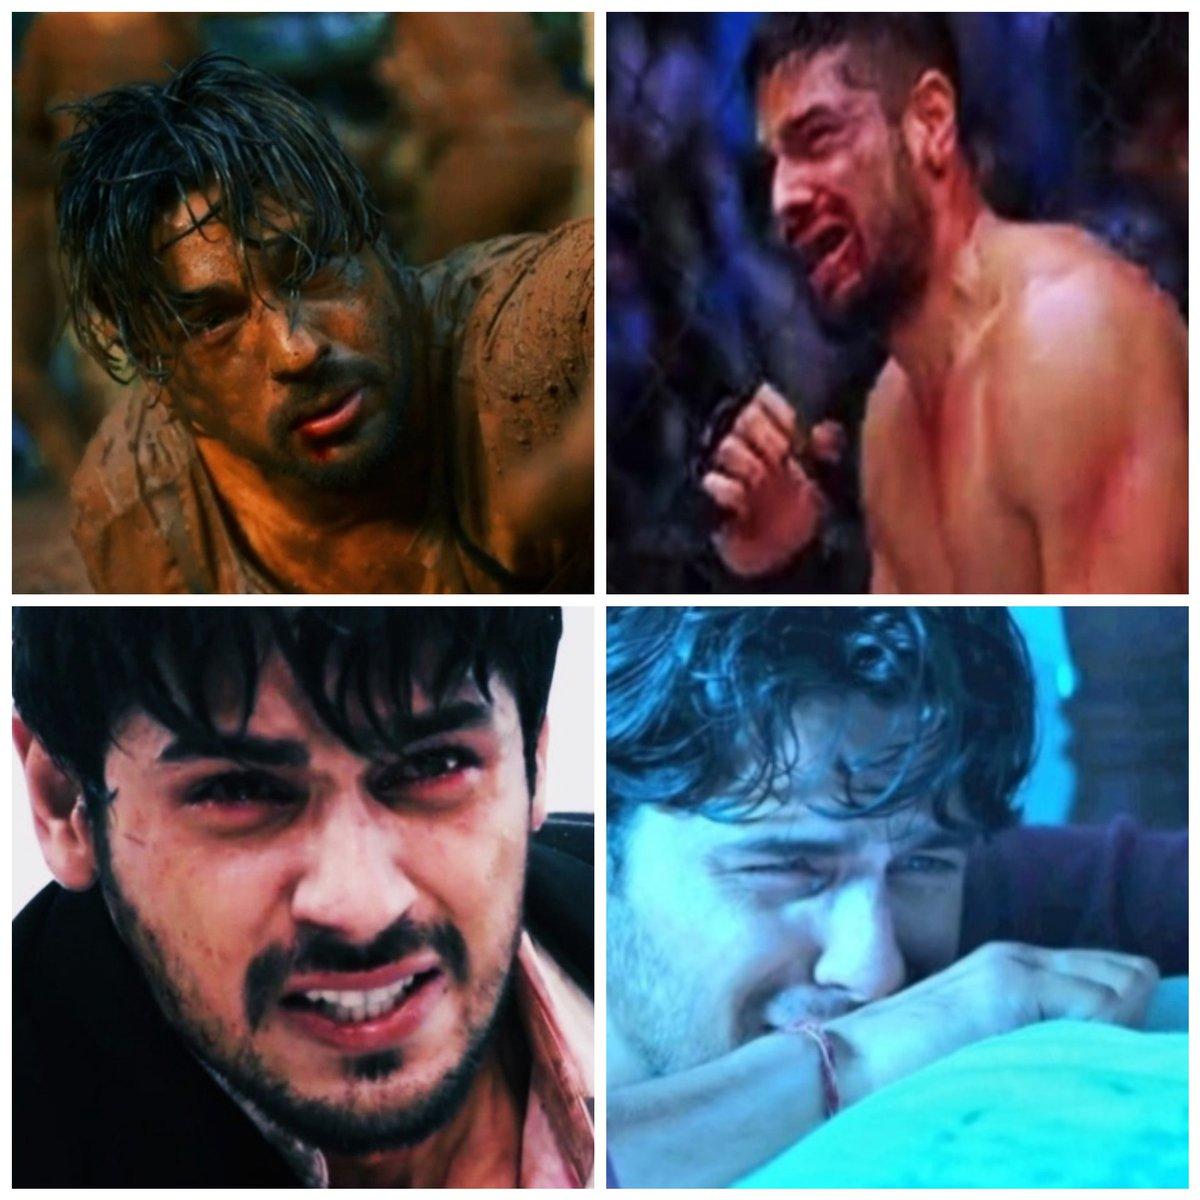 Appreciation tweet for #SidharthMalhotra in emotional scenes : Phenomenal 🔥🙌